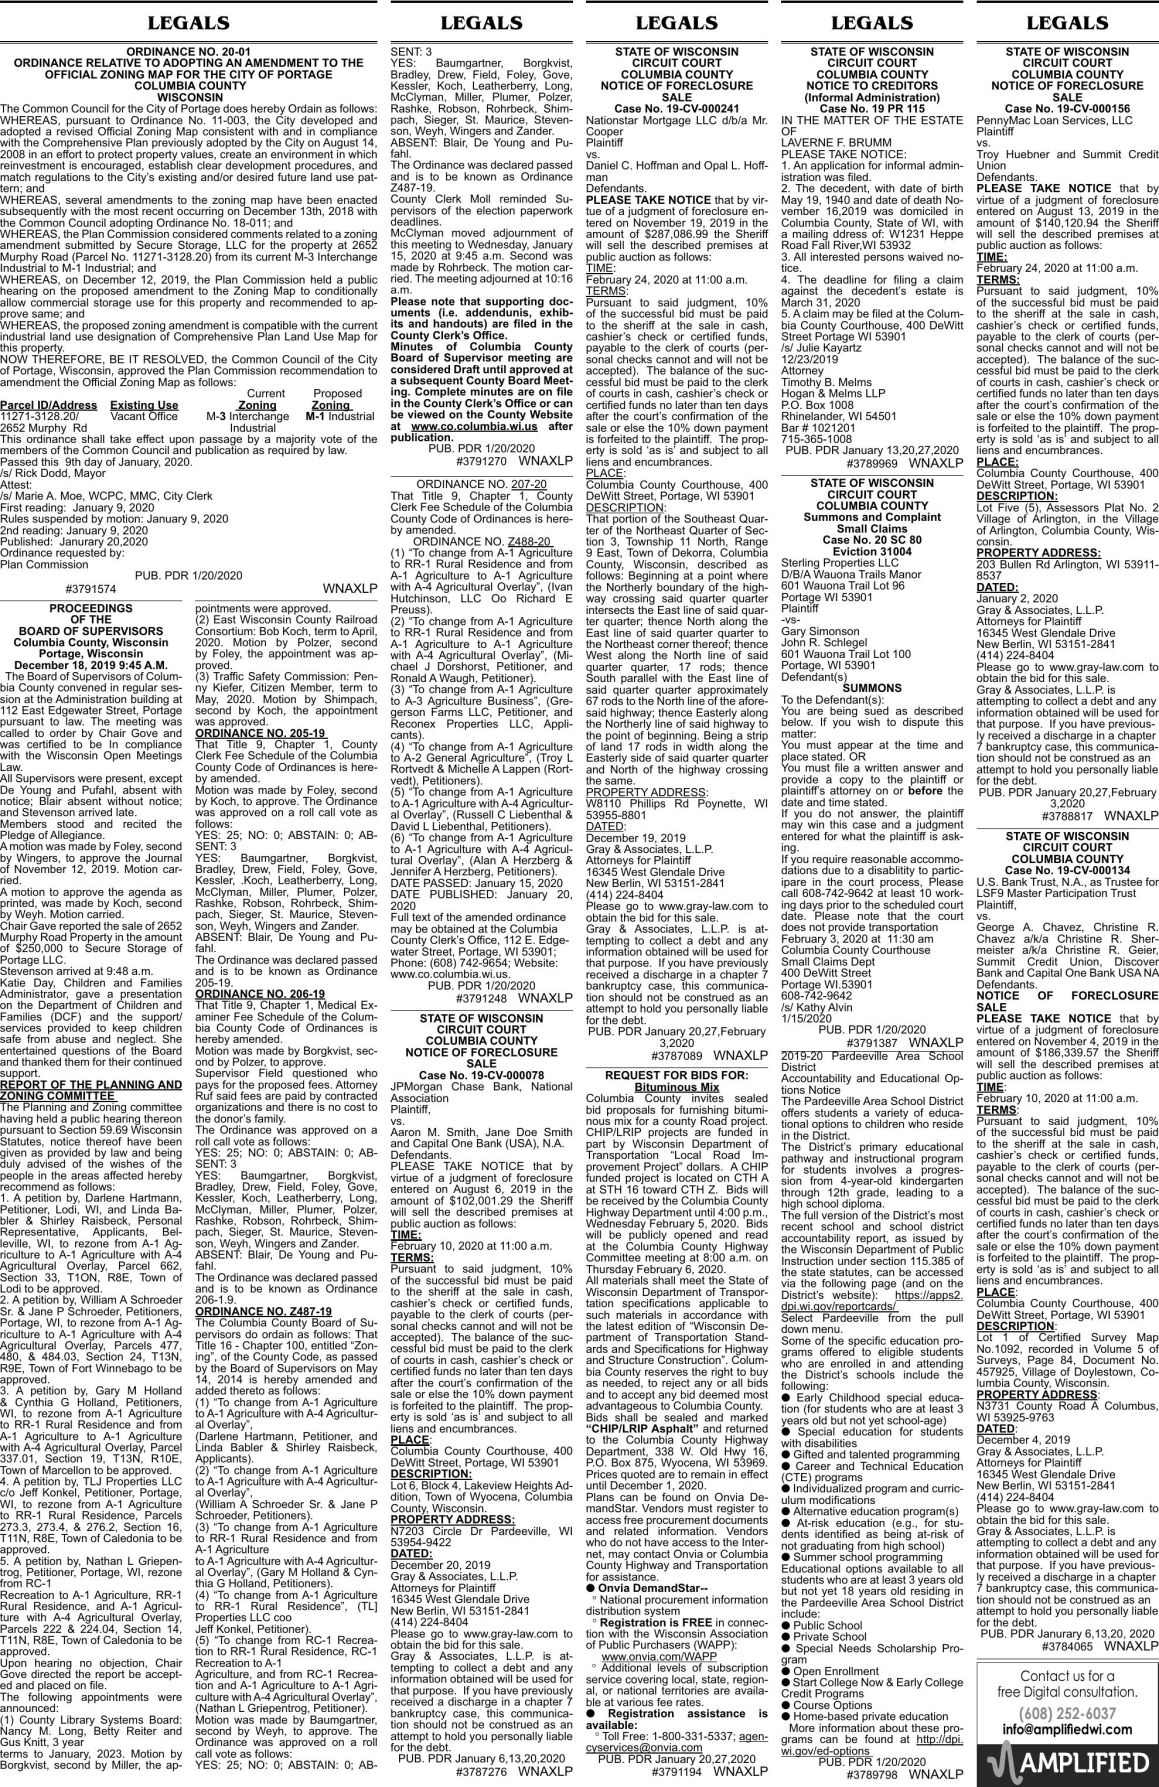 3791632.pdf